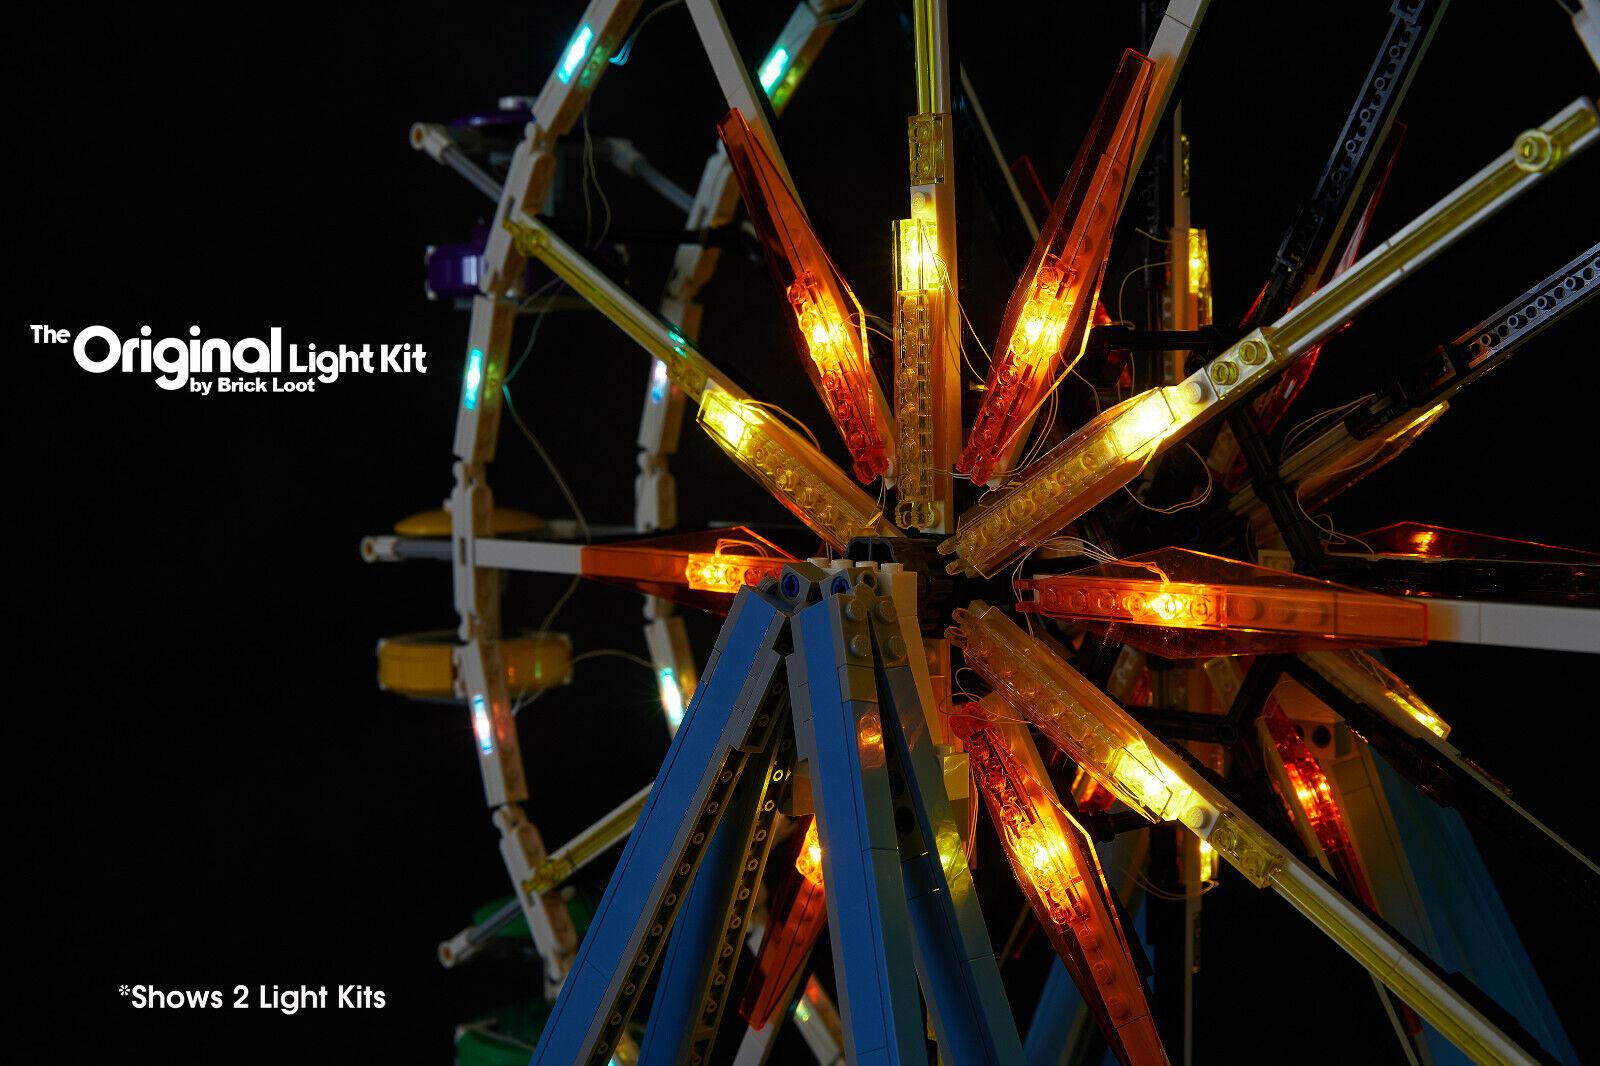 Battery Brick Loot Original LED Lighting Kit for LEGO ® Ferris Wheel 10247